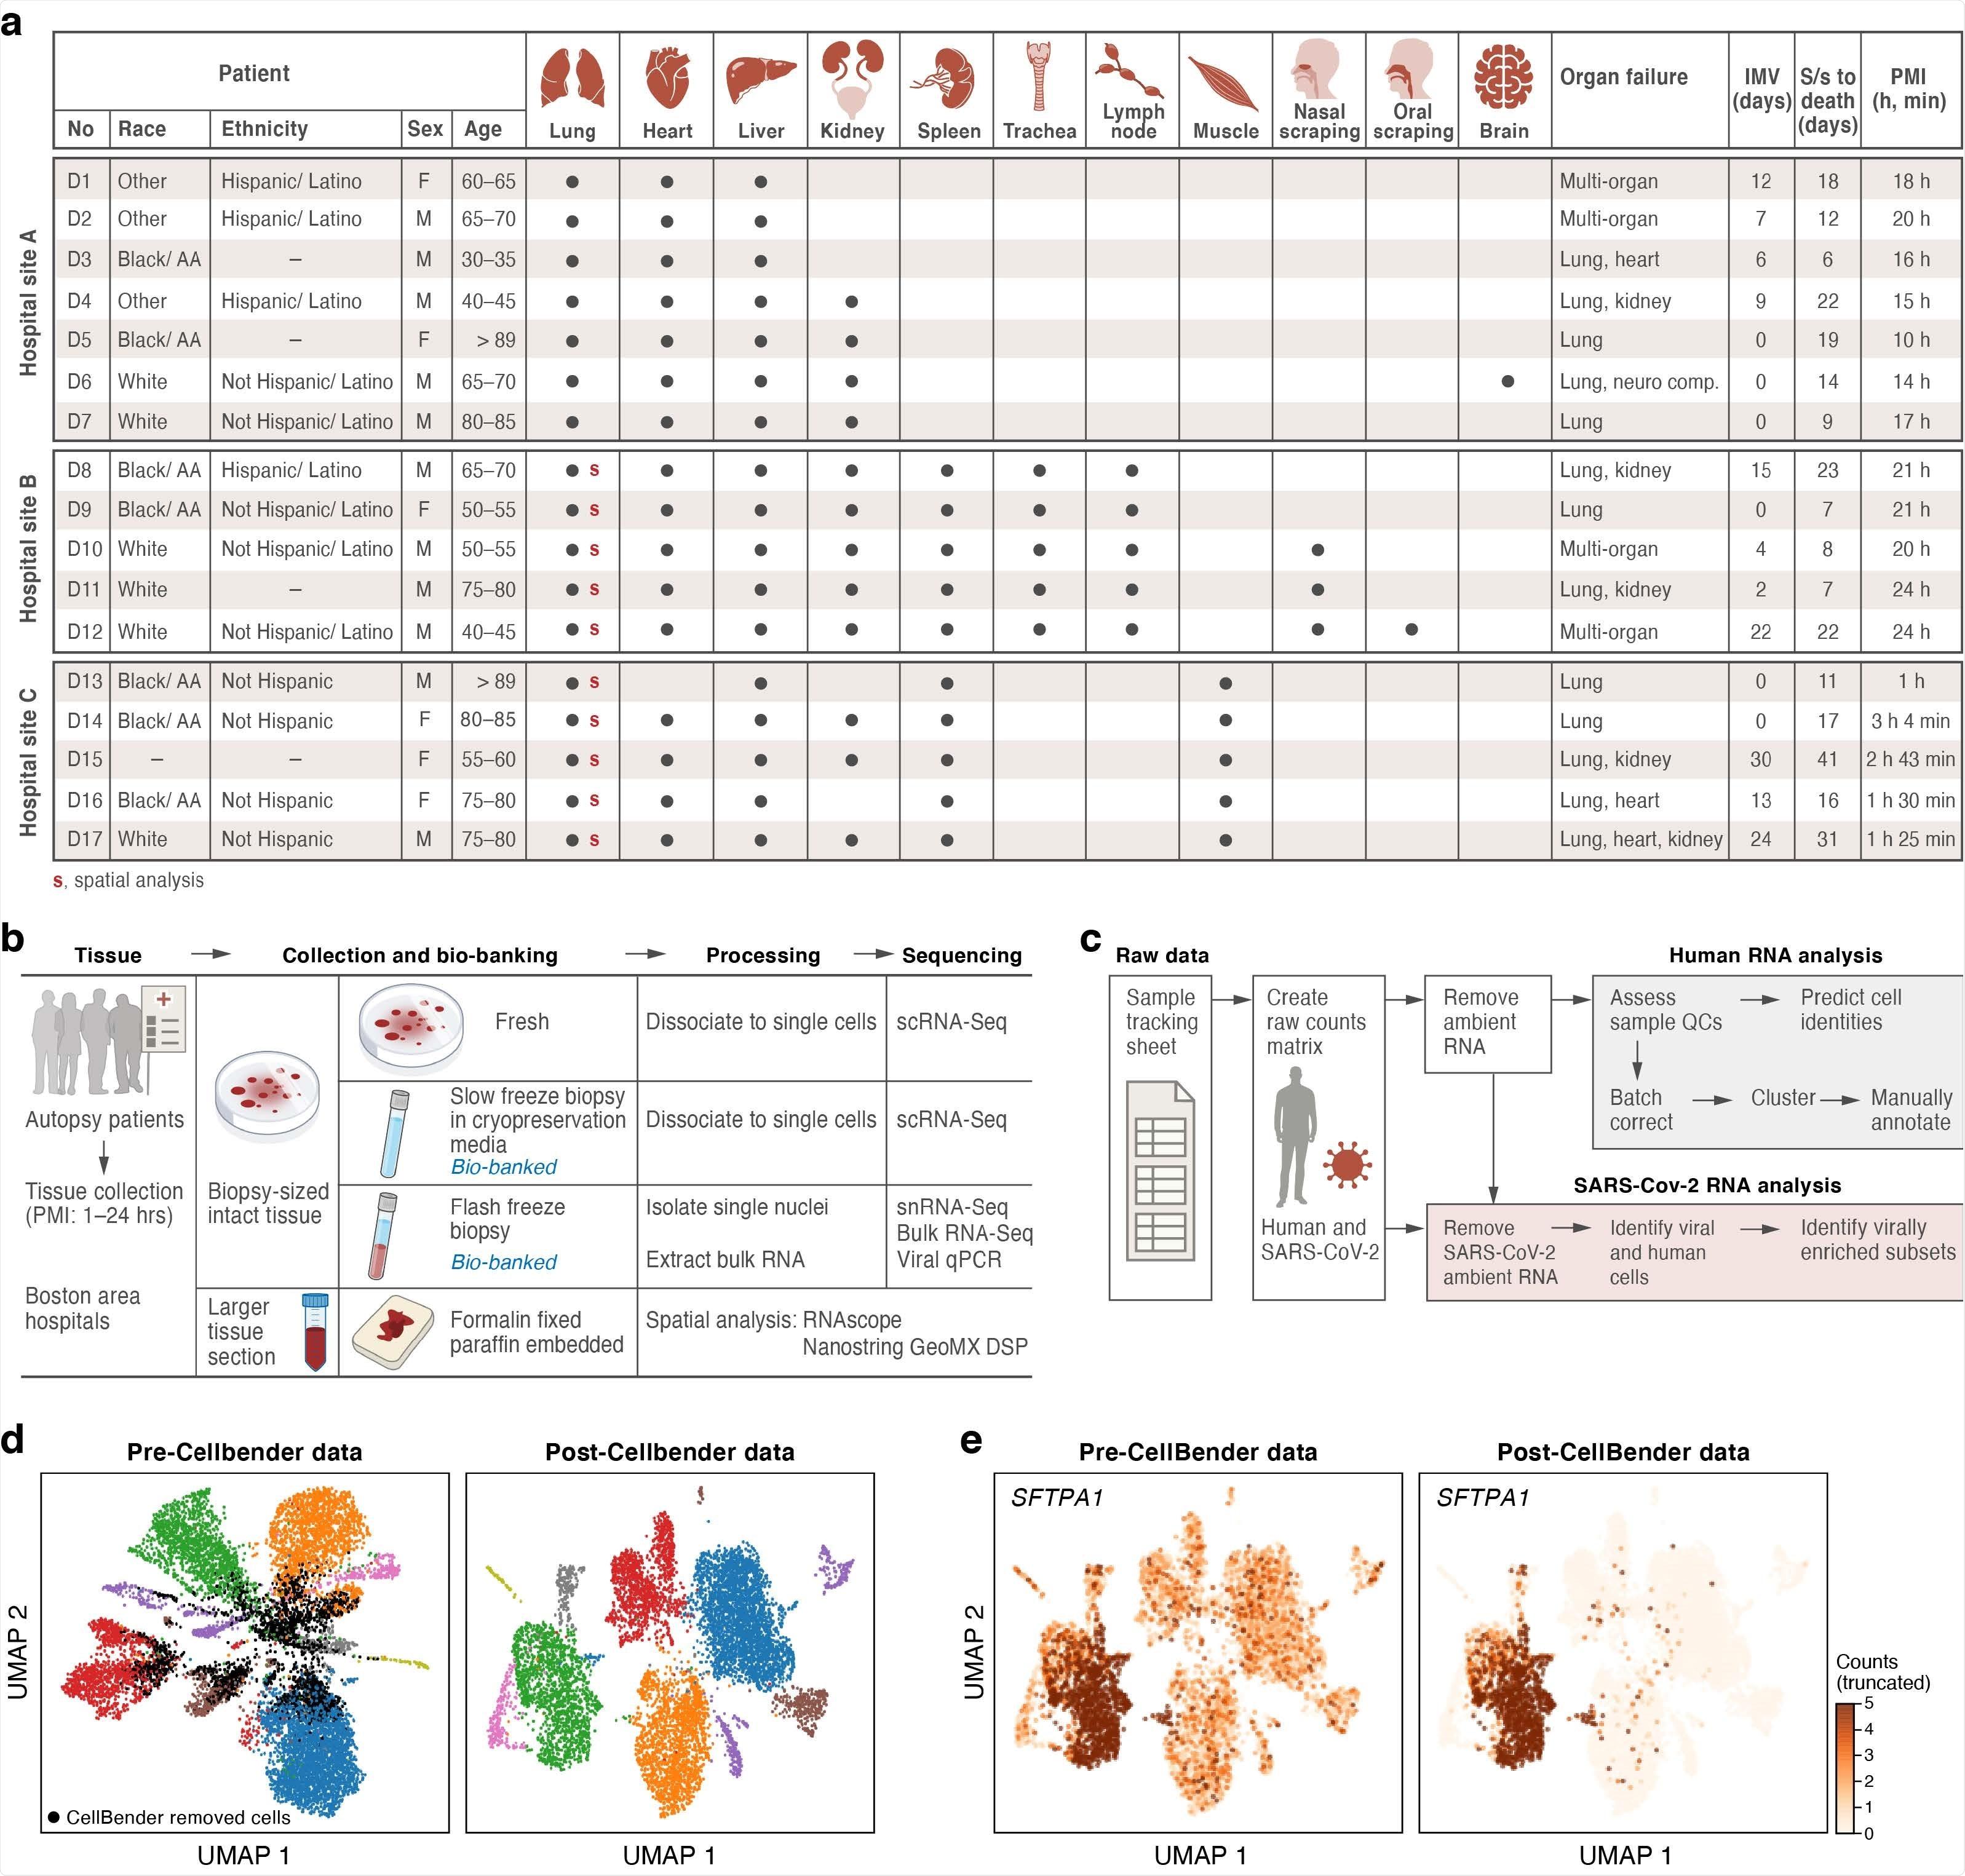 Una cohorte de autopsias de COVID-19 para una sola celda y atlas espacial a.  Descripción general de la cohorte.  VMI: días de ventilación mandatoria intermitente, S / s: tiempo desde el inicio de los síntomas hasta la muerte en días;  PMI: intervalo post-mortem.  S en negrita roja: donantes para los que recolectamos perfiles espaciales en el pulmón.  B.  Descripción general de la canalización de procesamiento de muestras.  C.  Descripción general de la canalización de análisis sc / snRNA-Seq.  Delaware.  CellBender 'remove-background' mejora la agrupación celular y la especificidad de expresión al eliminar el ARN ambiental y las gotas vacías (que no son de células).  Gráfico UMAP de los perfiles sc / snRNASeq (puntos) antes (izquierda) o después (derecha) del procesamiento de CellBender, coloreados por grupos y por estado de doblete (negro) (d), o por expresión de la proteína tensioactiva SFTPA1 (e).  La escala de colores en e es lineal y truncada en 5 recuentos para visualizar recuentos pequeños.